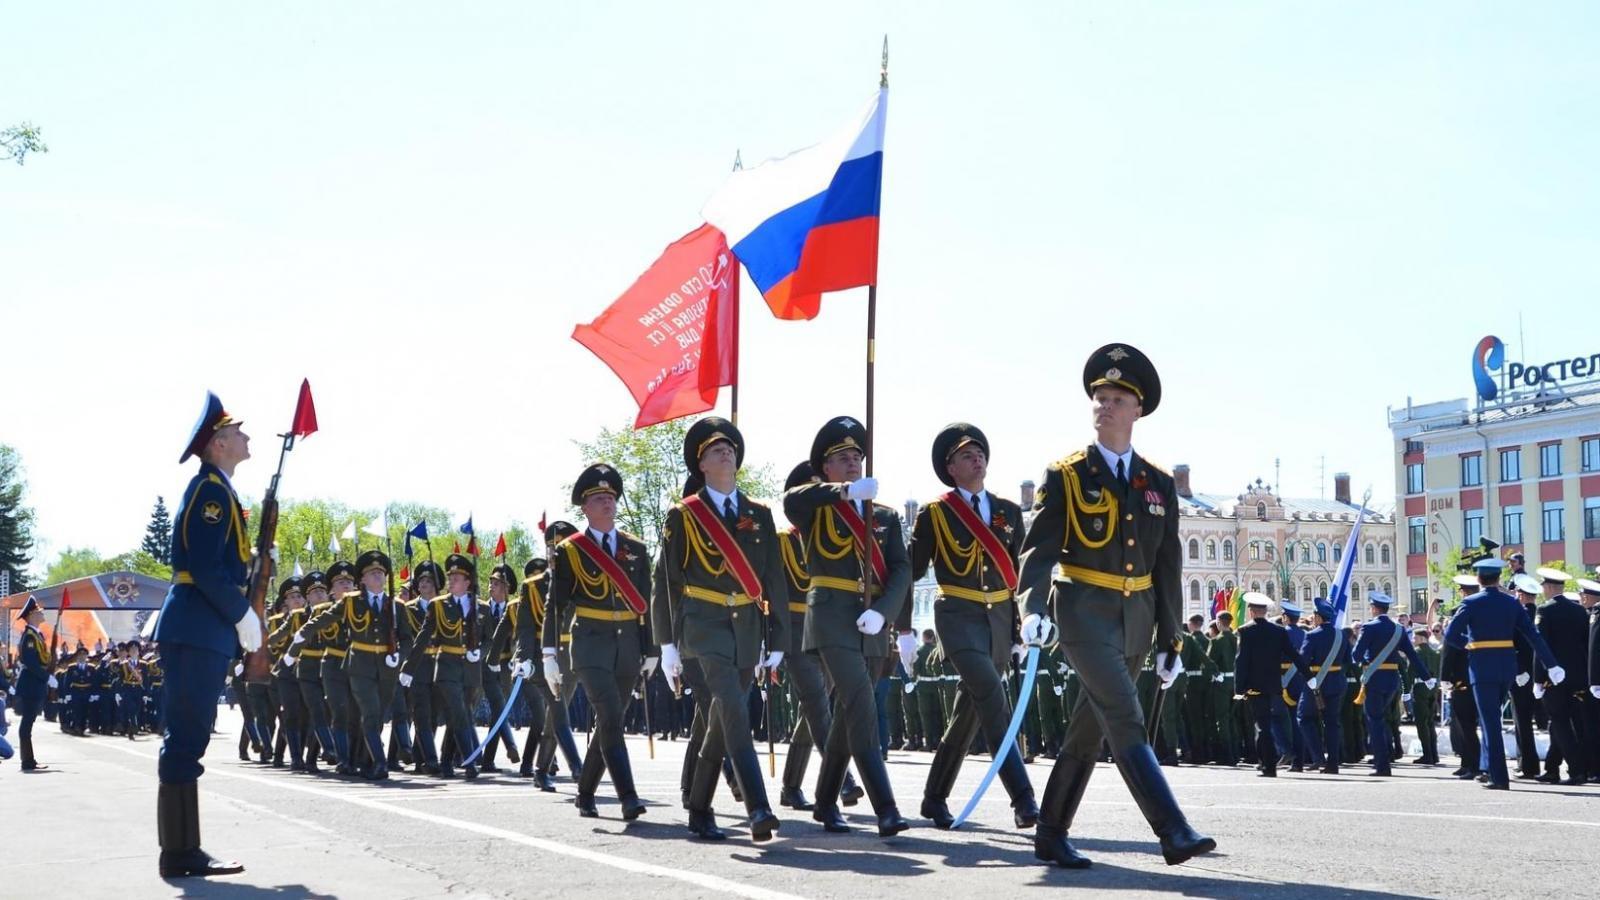 Пройдут ли демонстрация и парад в Вологде?